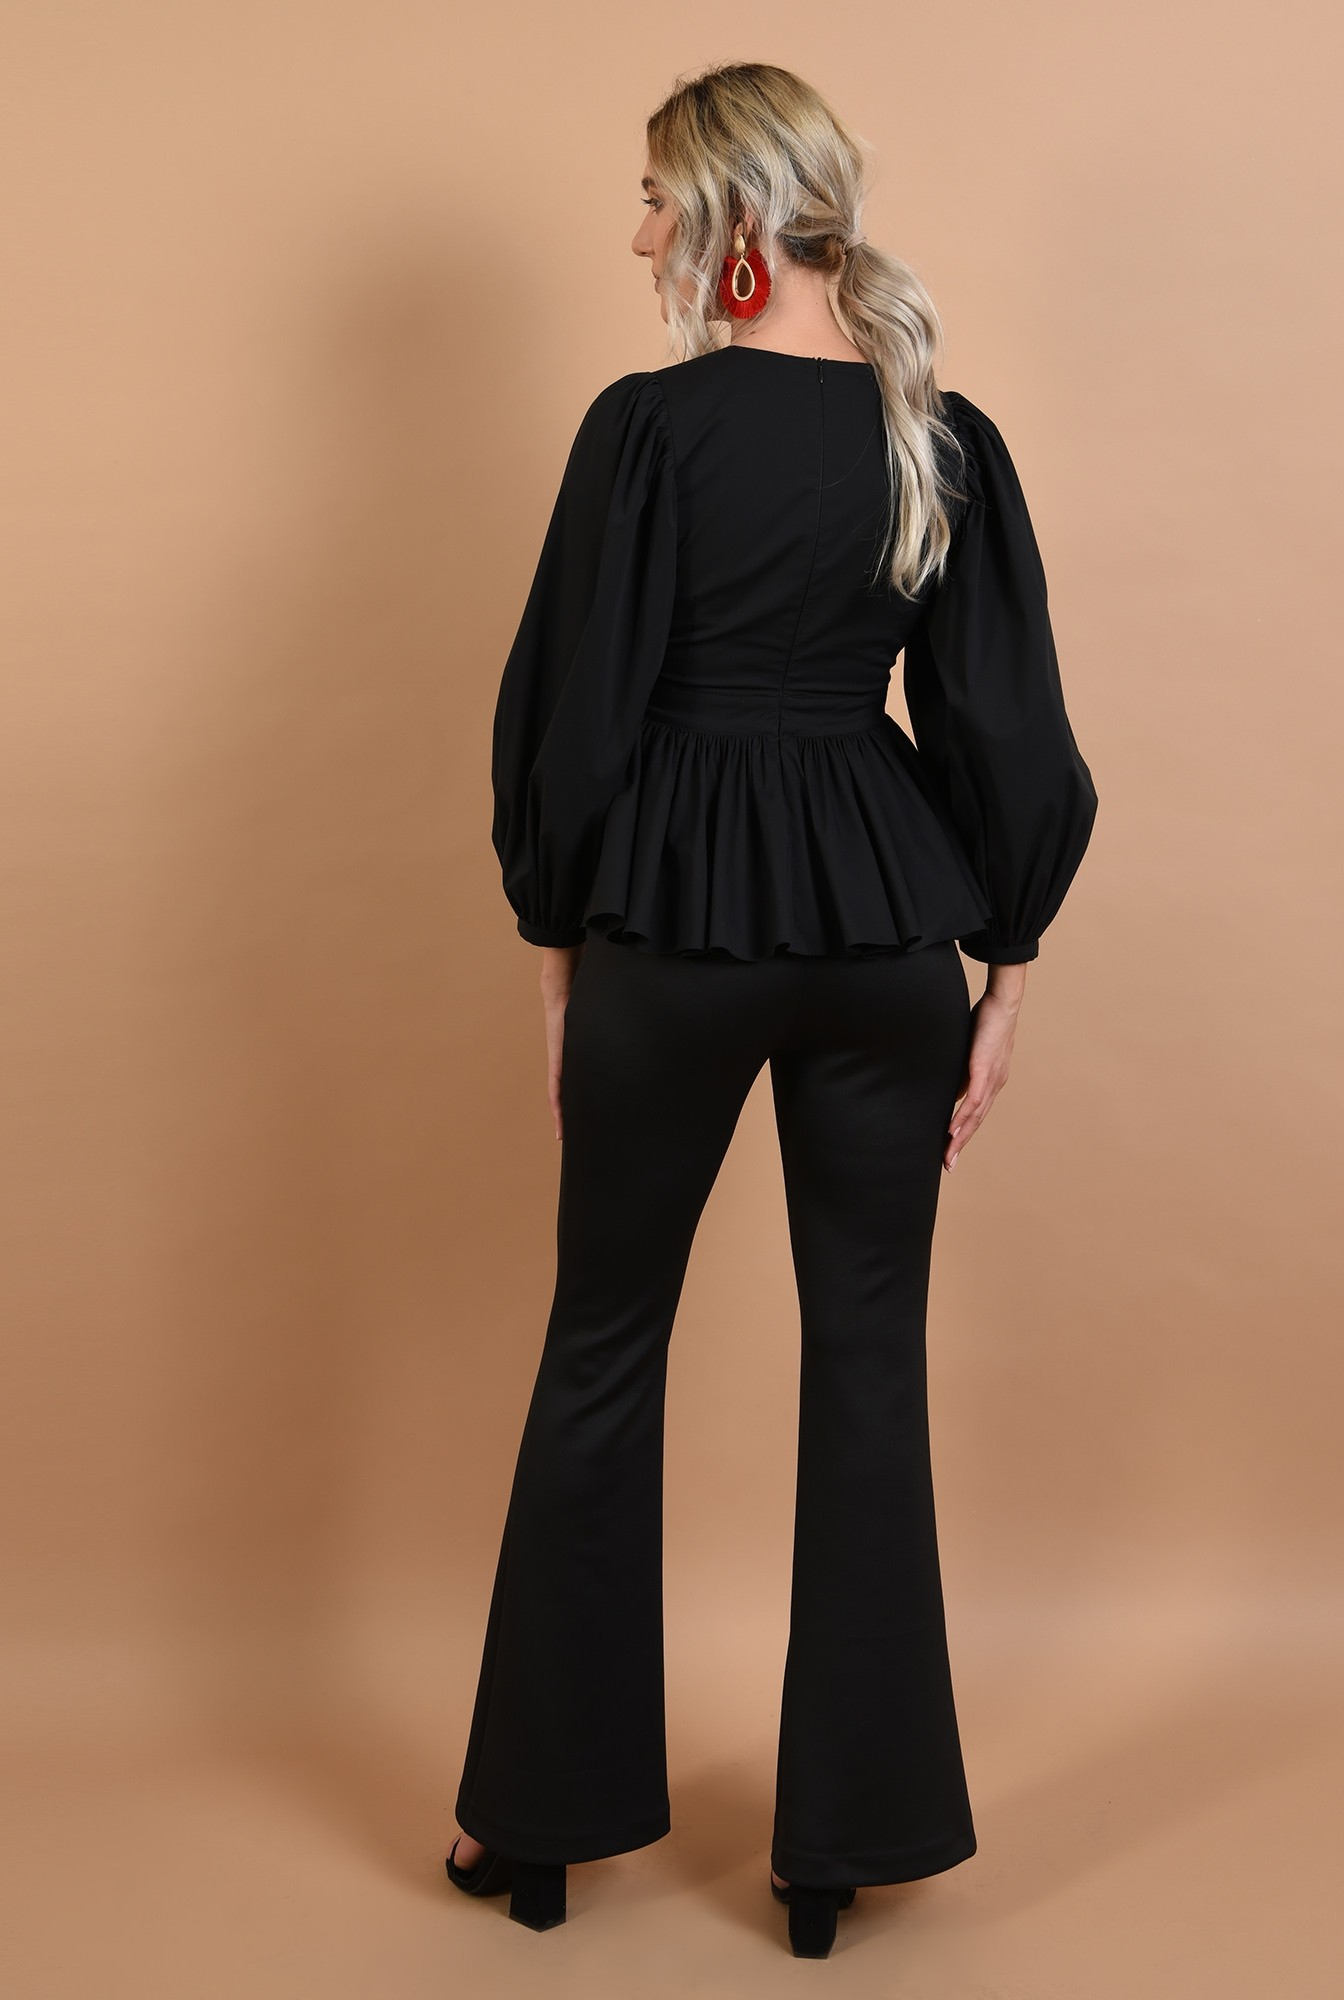 1 - bluza neagra, maneci bufante, anchior adanc, volan, Poema